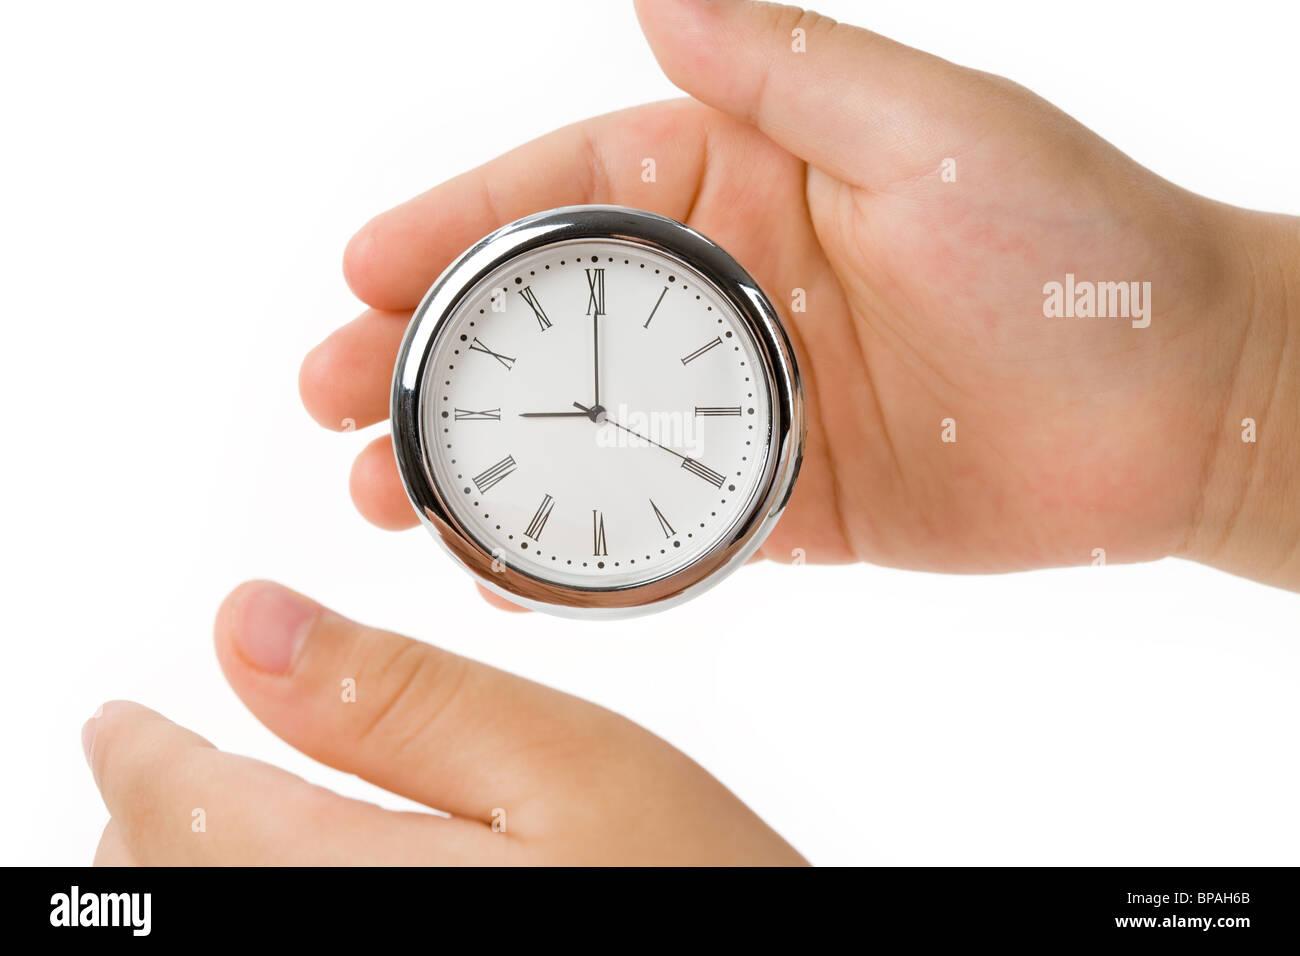 Reloj y el dedo, el concepto de equilibrio y control de tiempo Imagen De Stock